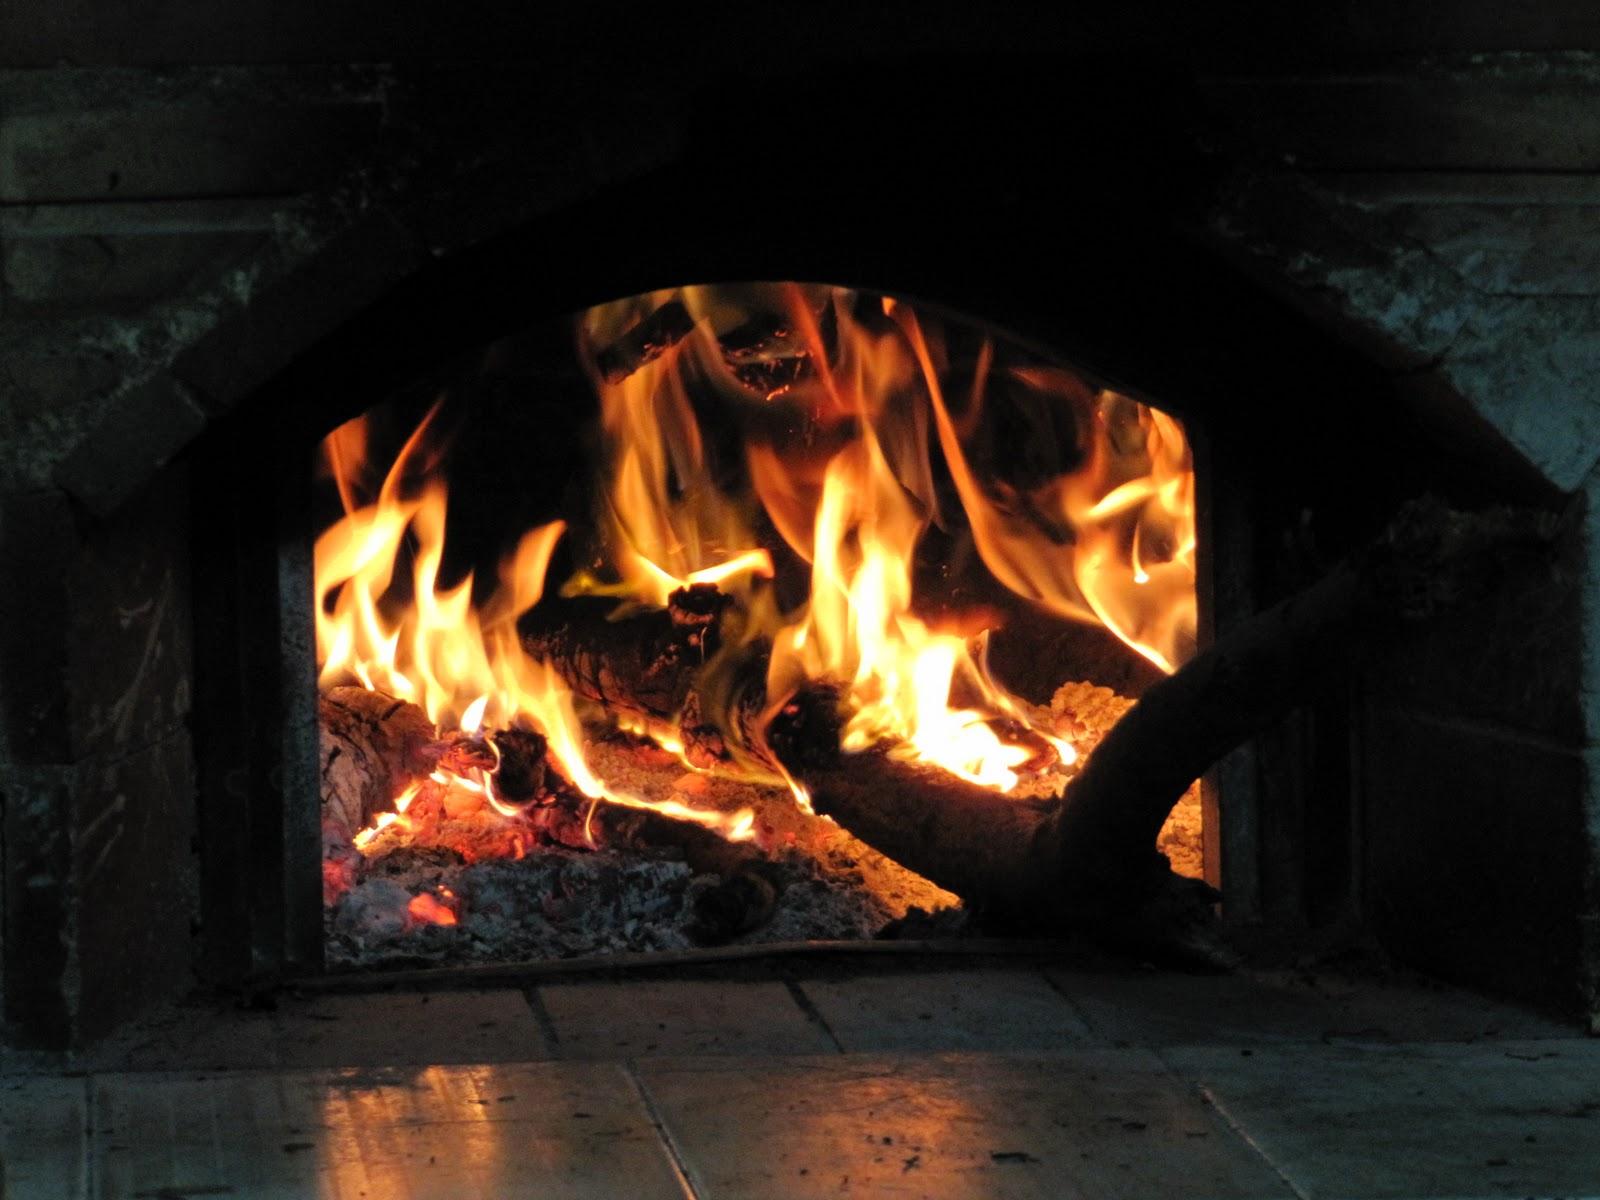 Enjundias experiencia exitosa de pan en horno de le a - Hacer pan horno de lena ...